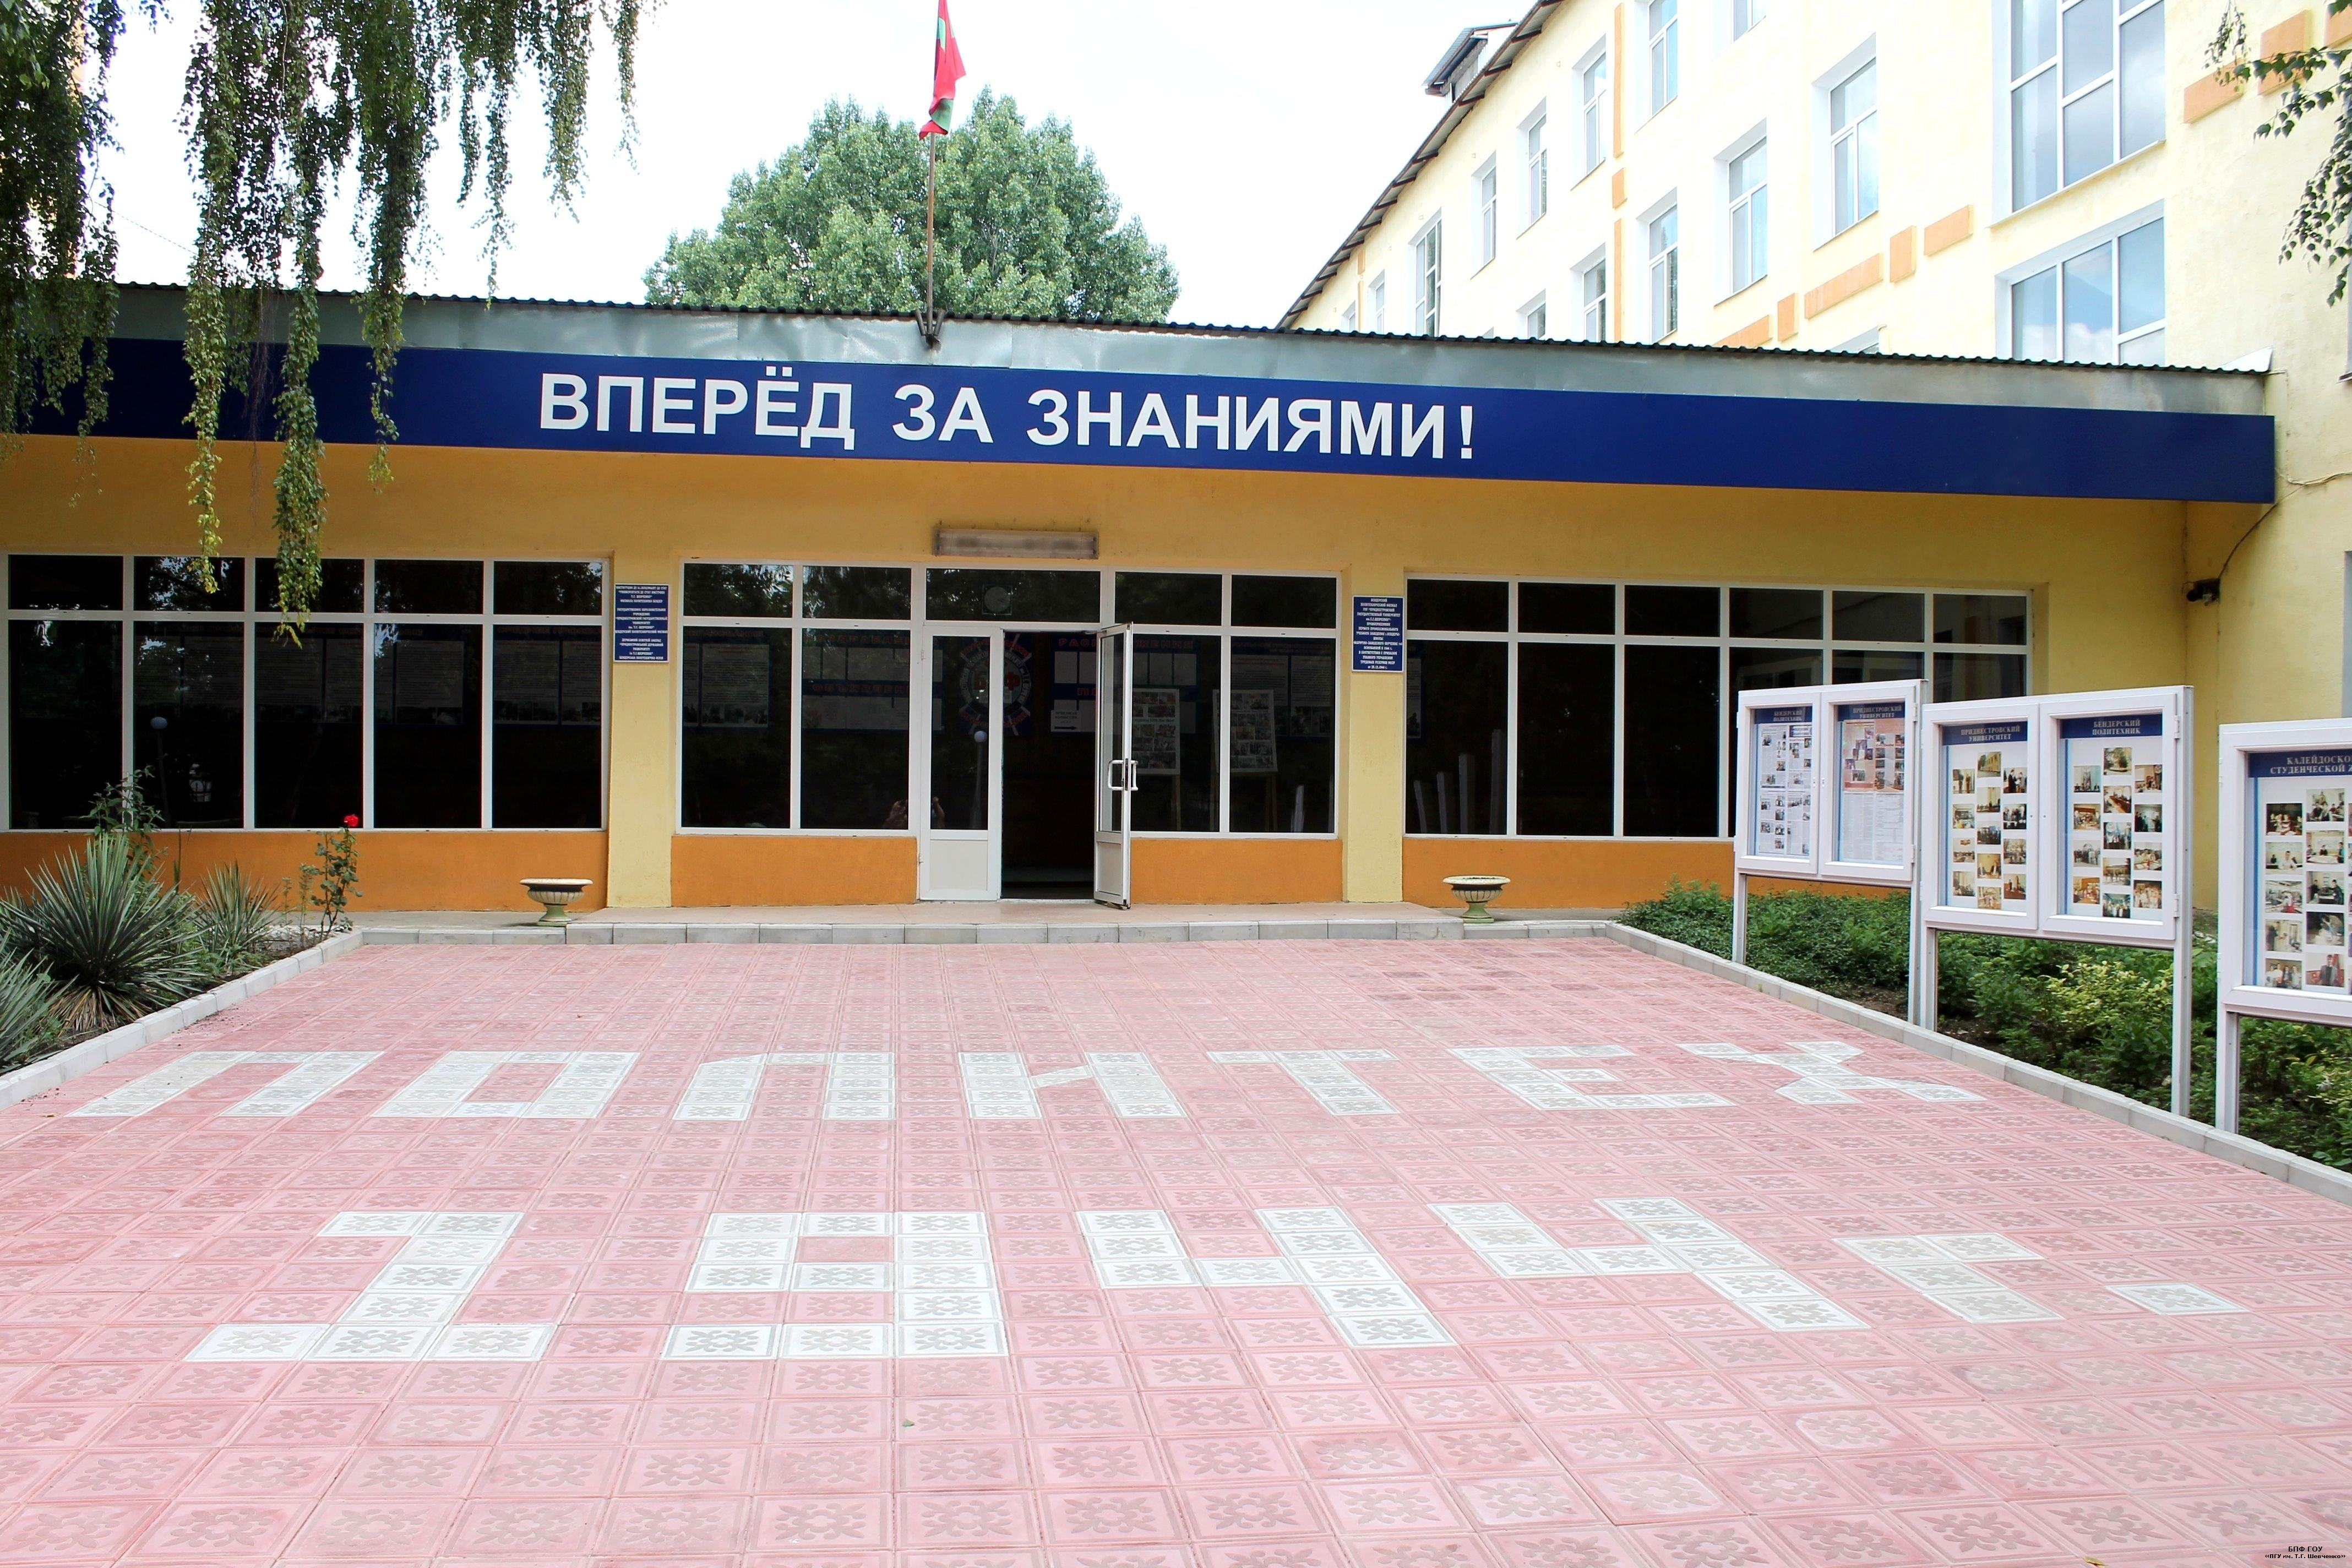 Шевченко г с программа